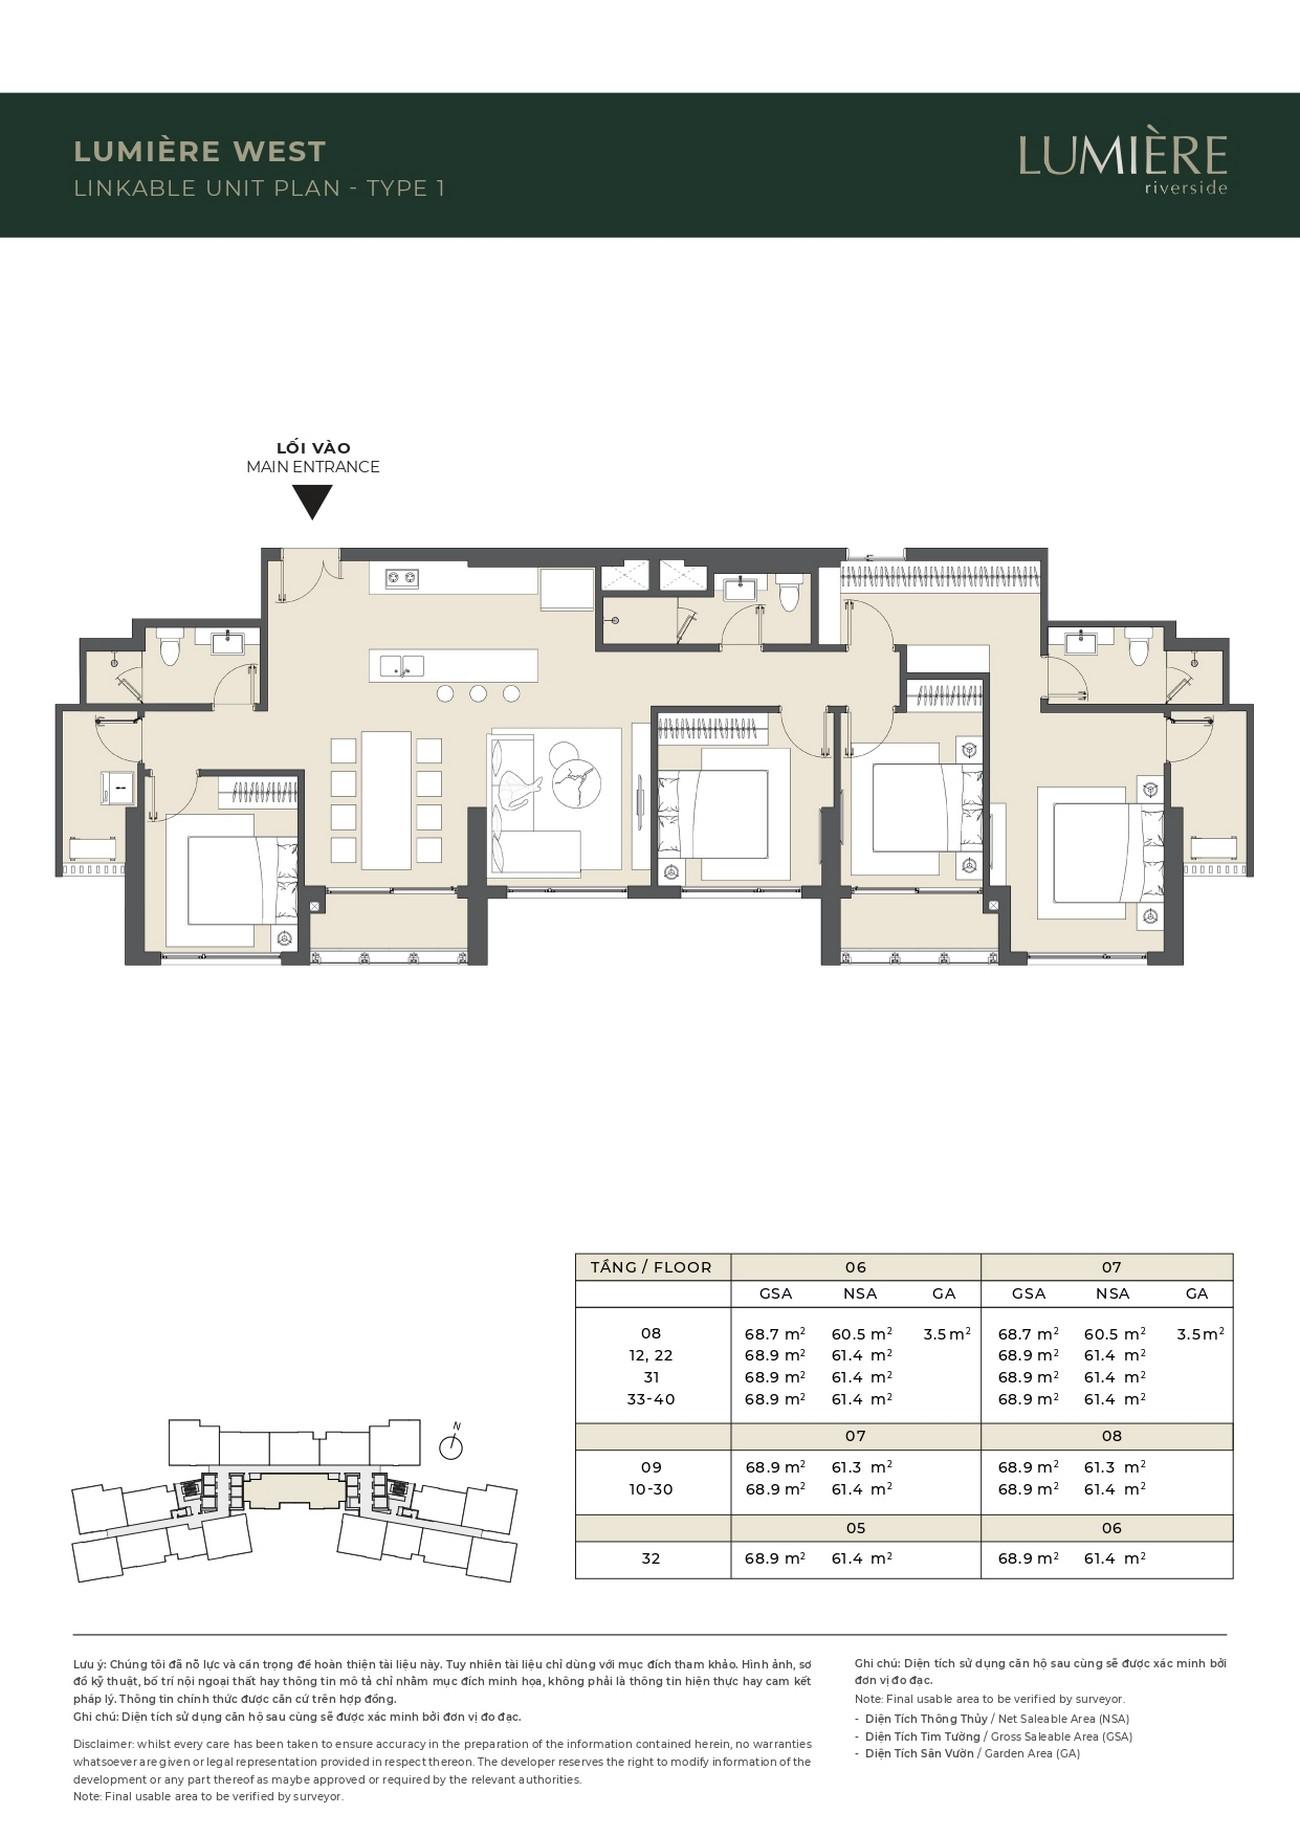 Thiết kế căn hộ ghép Lumiere West dự án căn hộ chung cư Masteri Lumière Riverside Quận 2 Đường Xa Lộ Hà Nội chủ đầu tư Masterise Homes